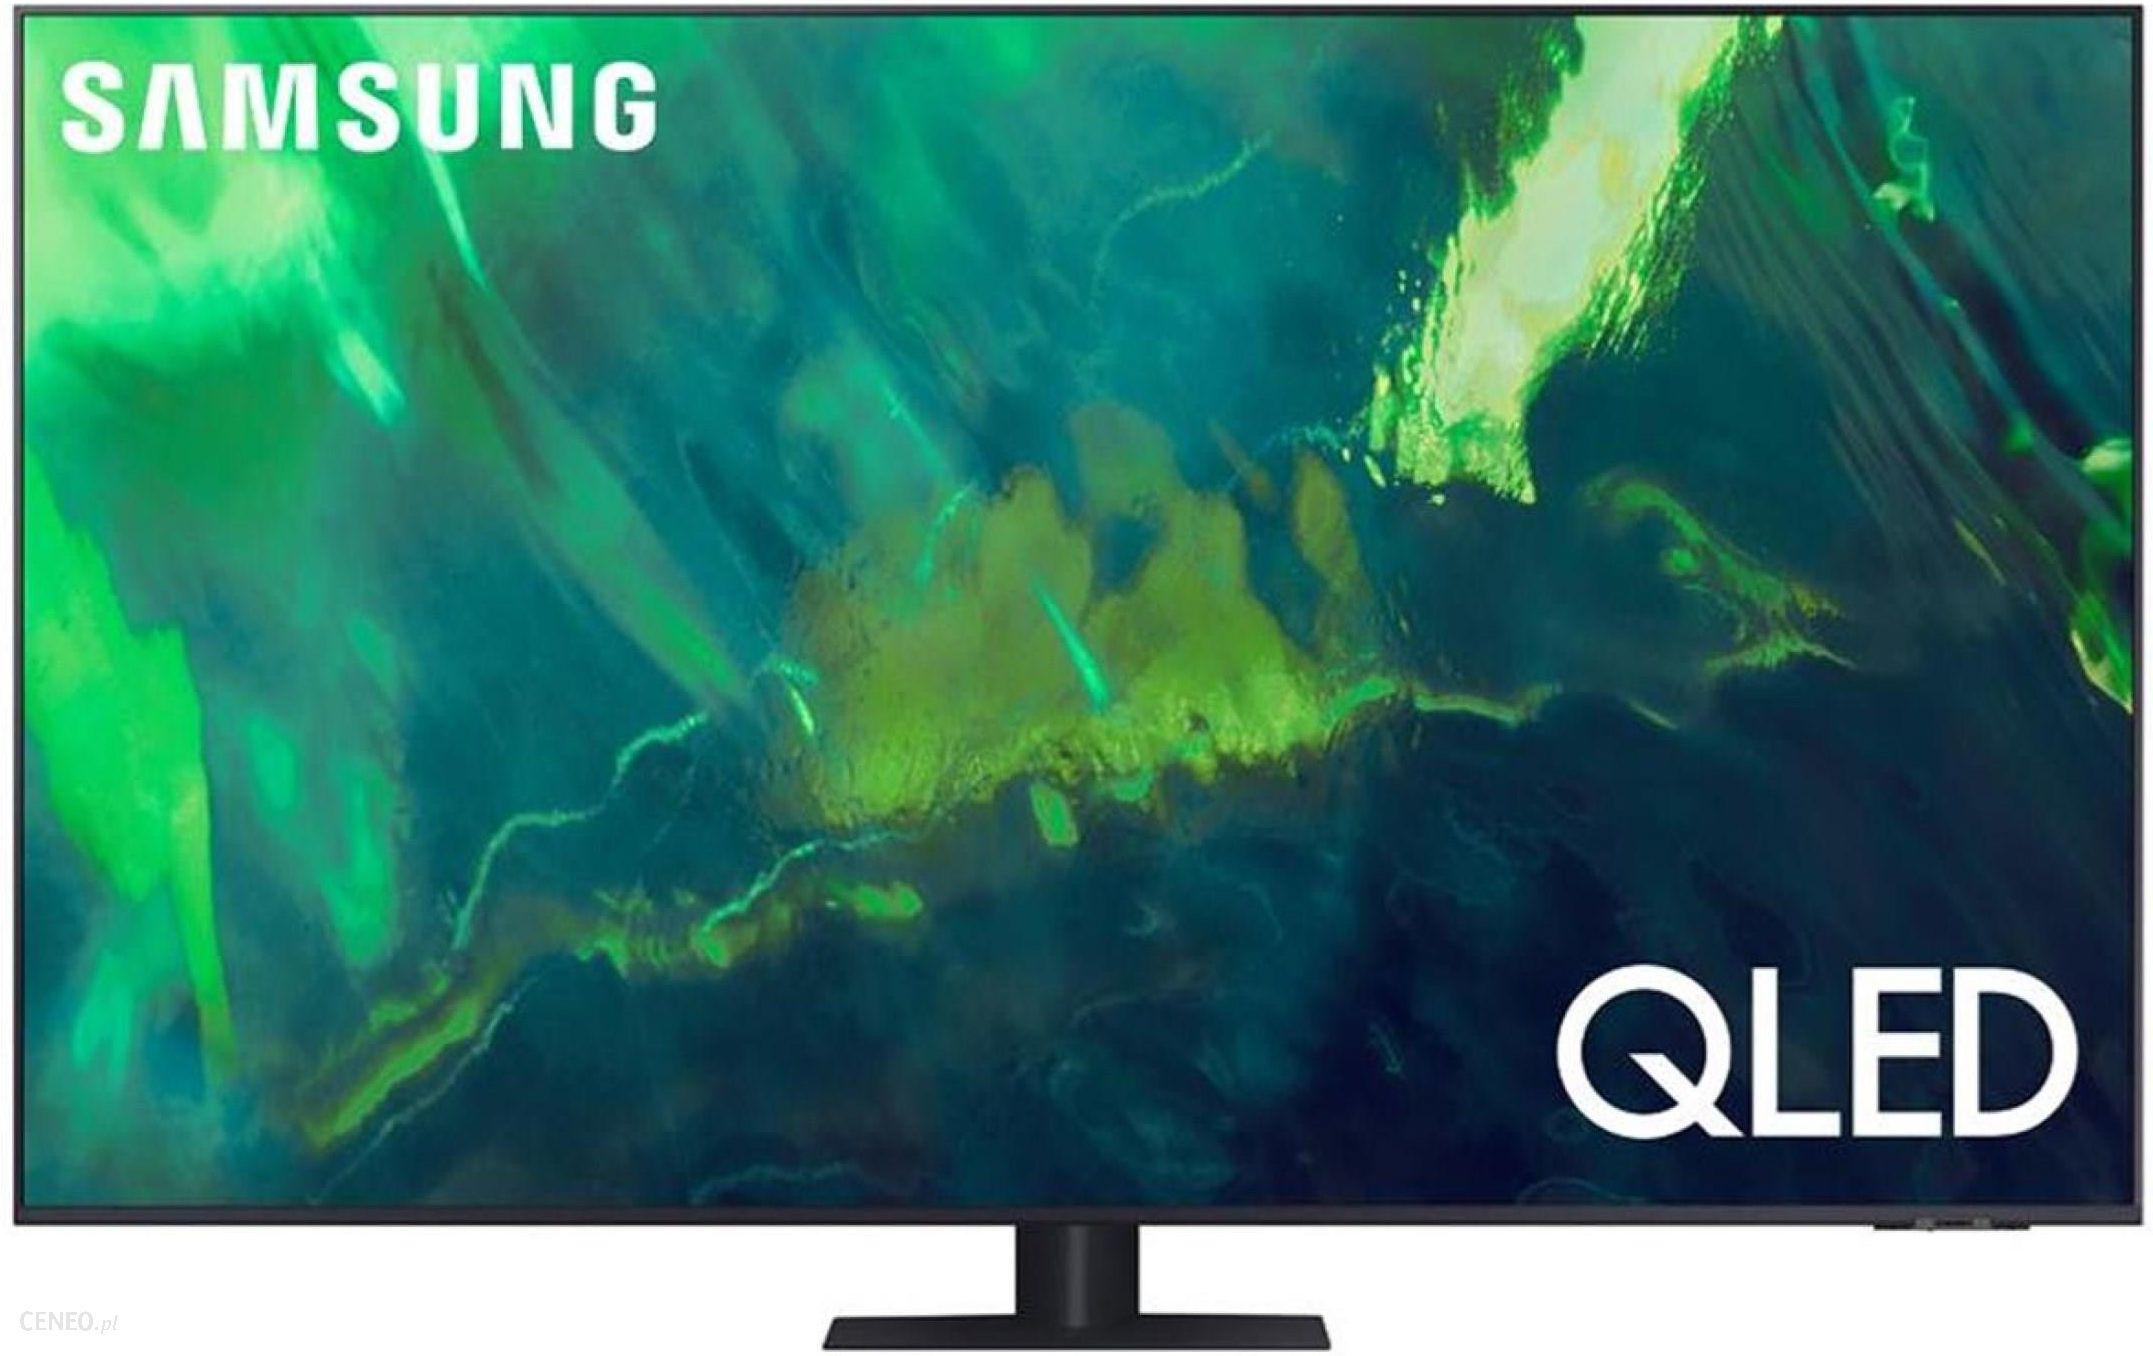 Telewizor Samsung QLED 2021 QE65Q77A - zdjęcie 1